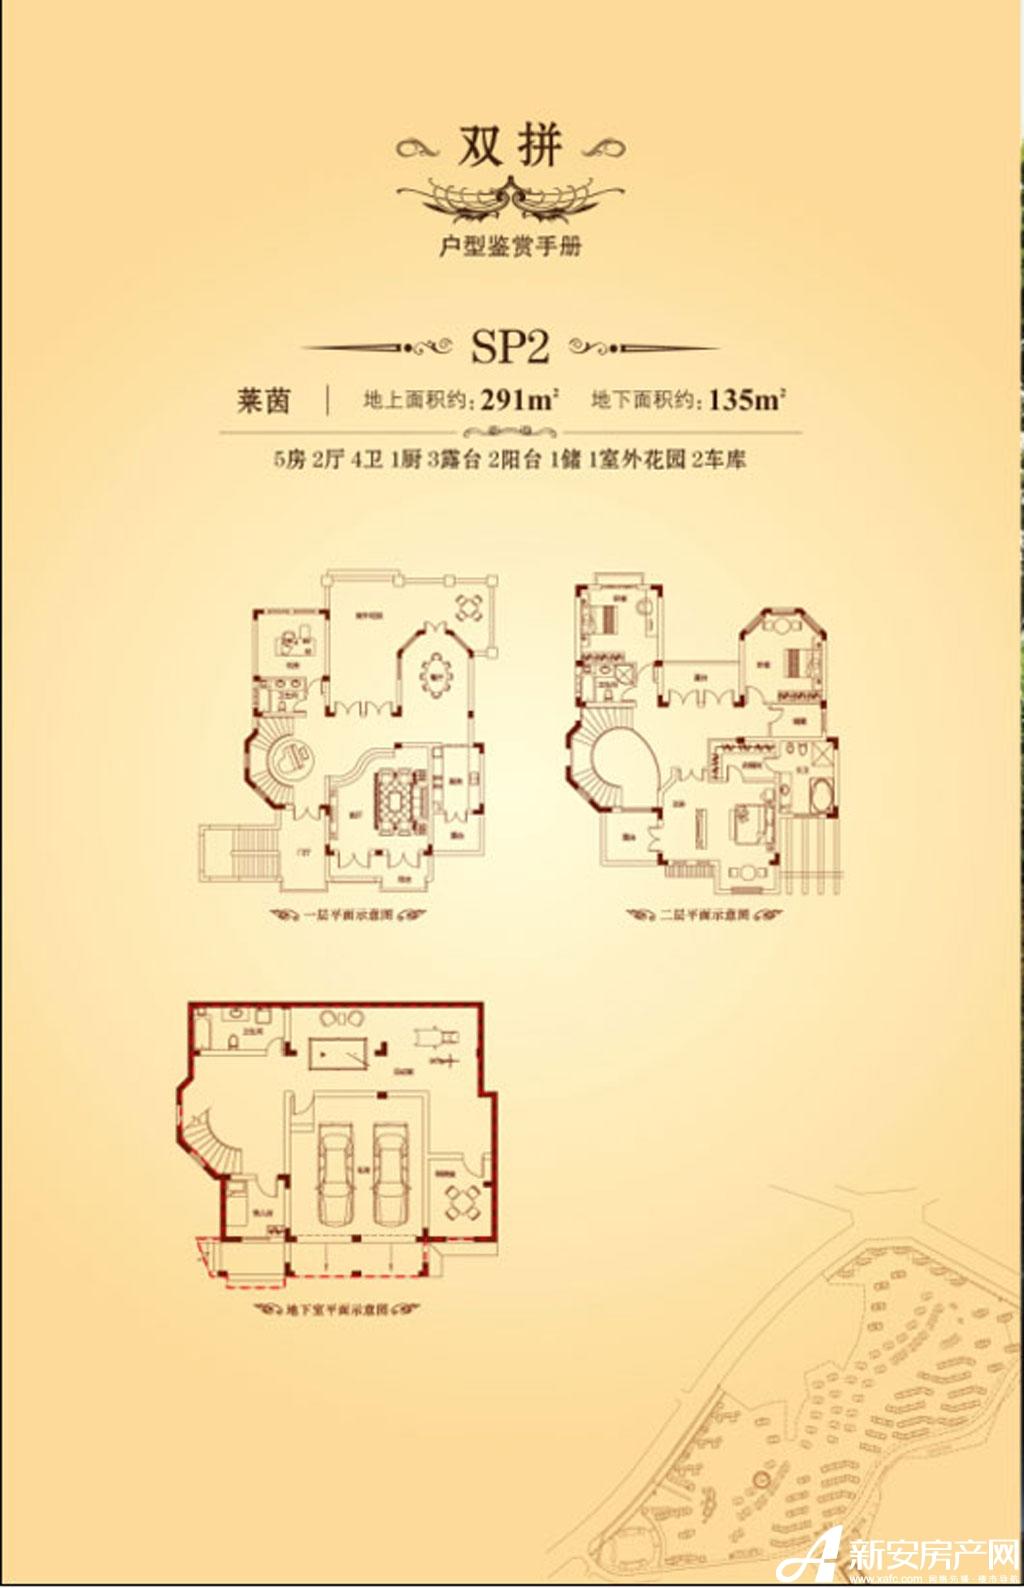 高速铜都天地SP2户型5室2厅426平米